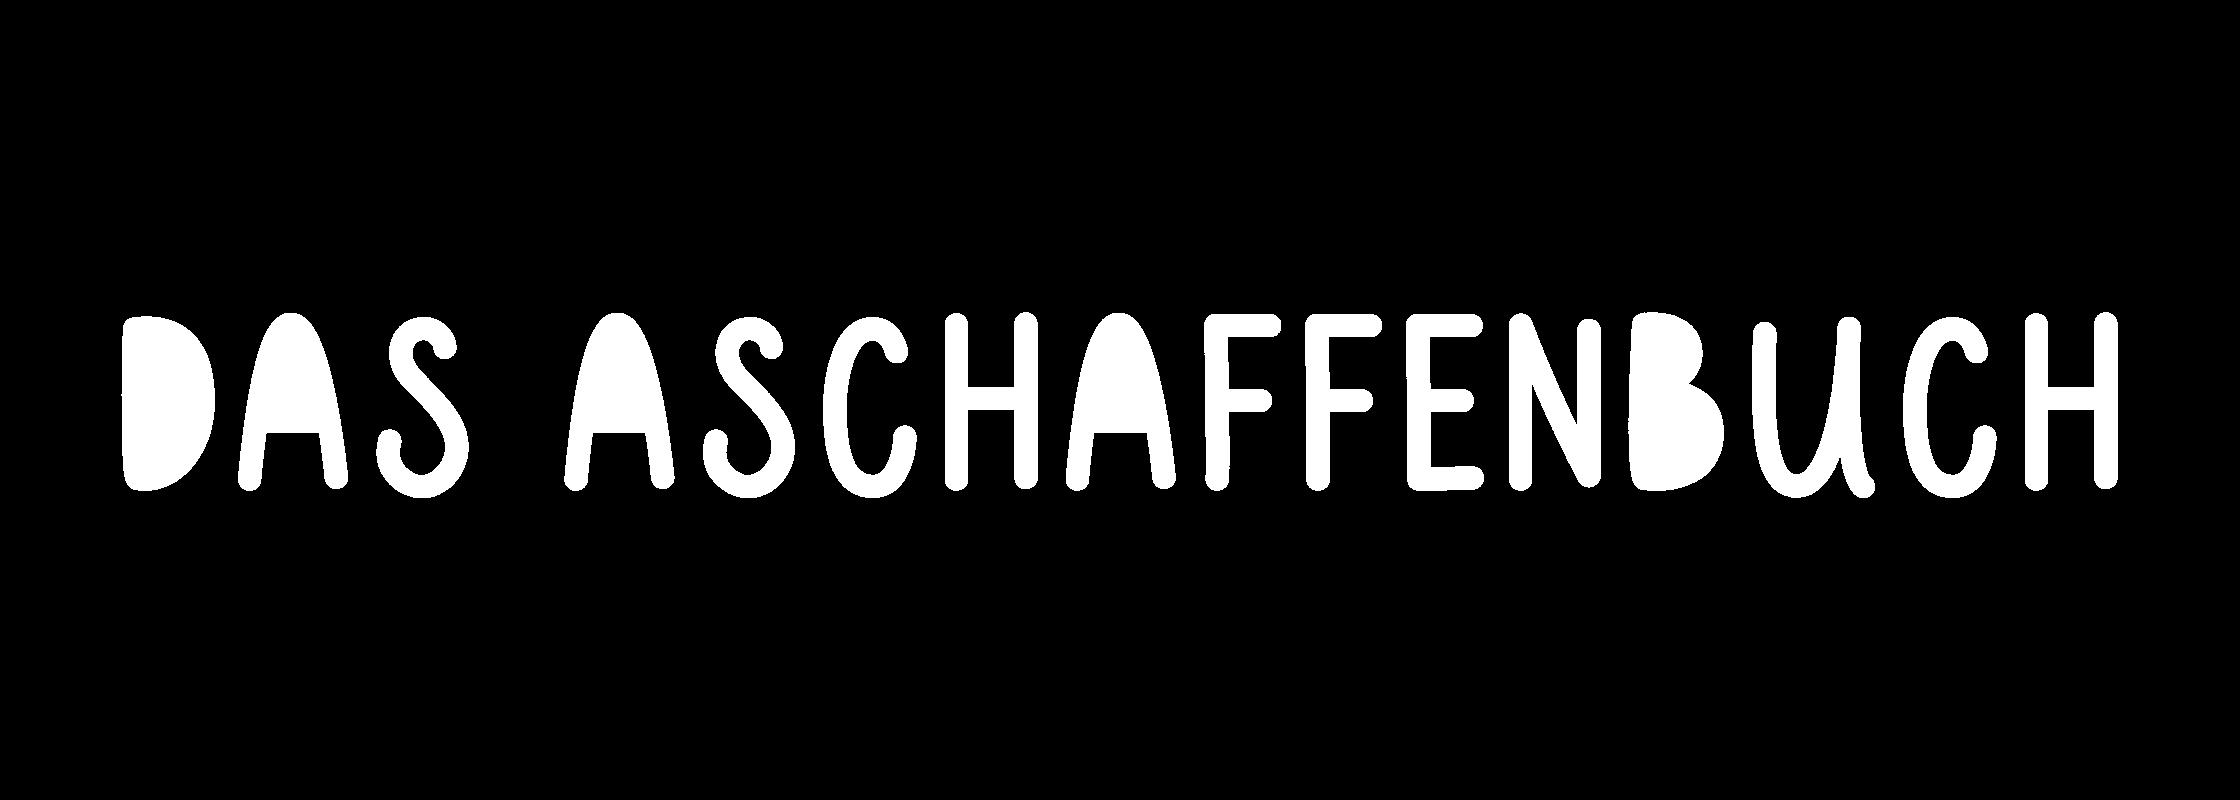 Banner Fotowettbewerb - Auf der Webseite von aschaffenbuch.de